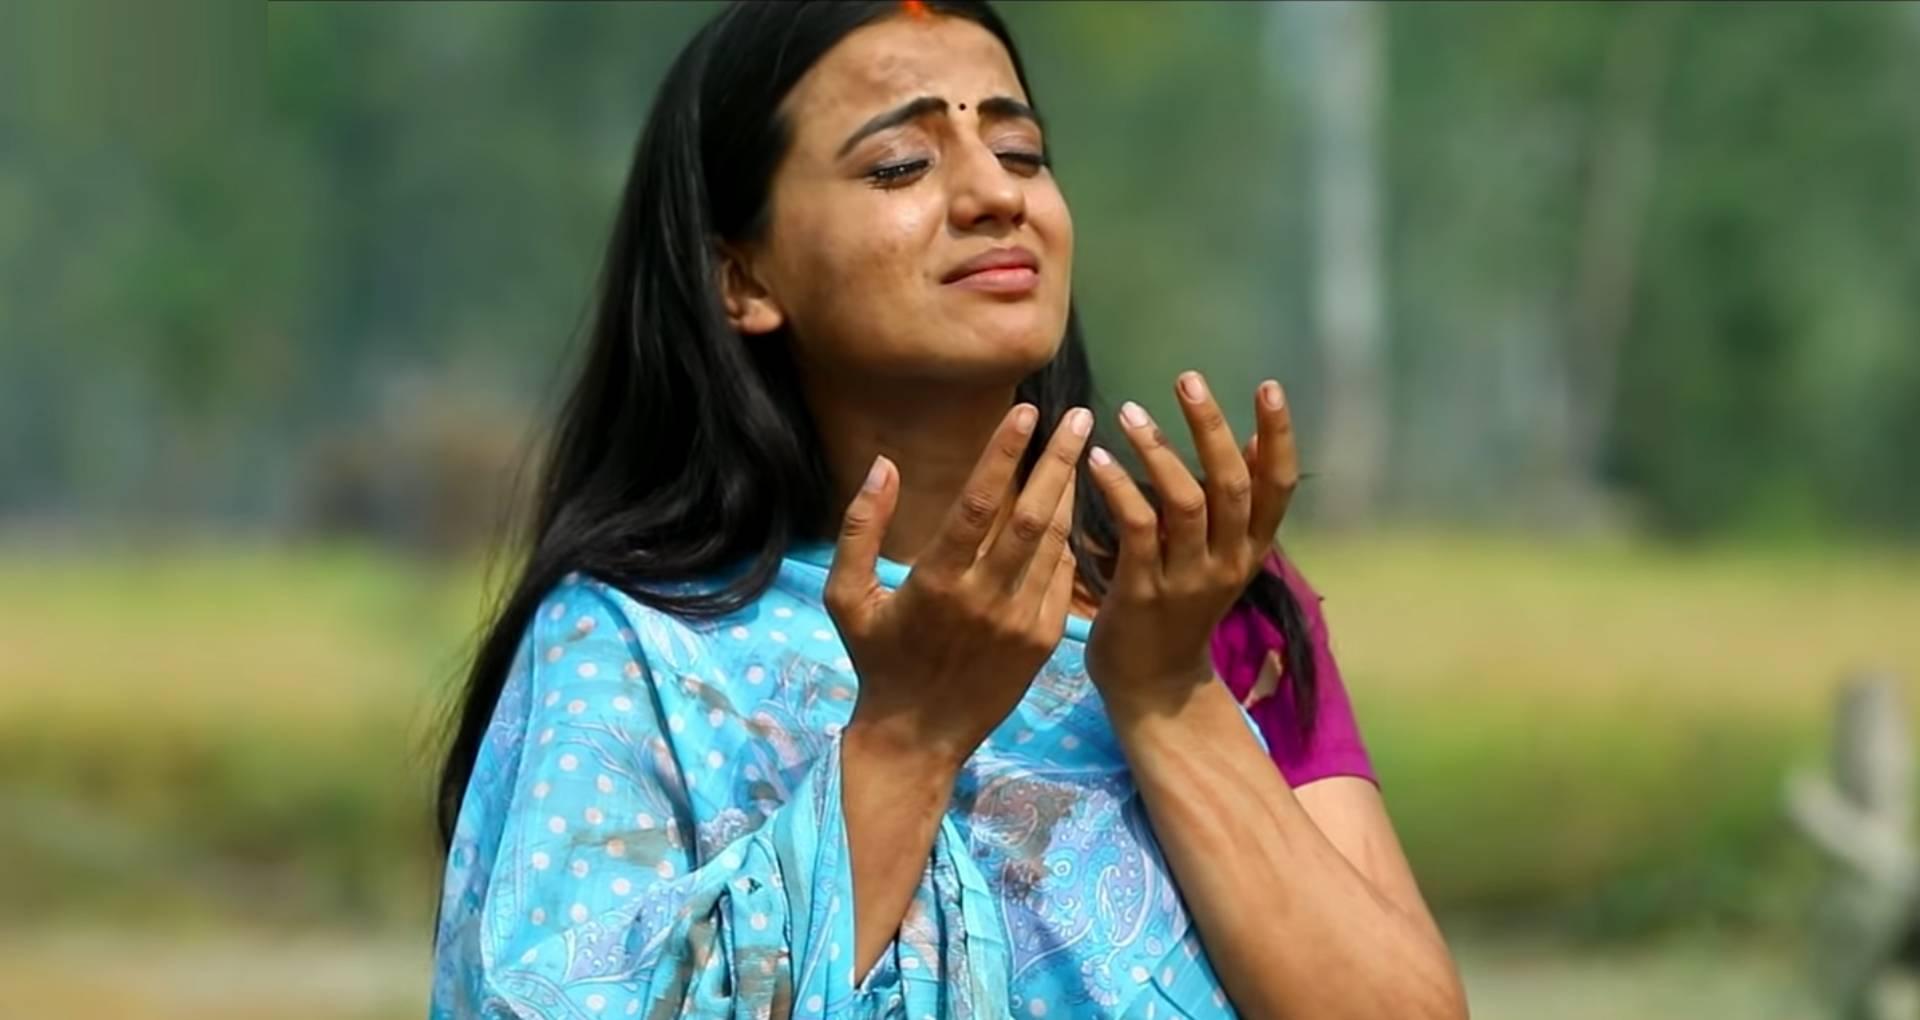 Futi Futi Rowe Nirdhaniya Song: अक्षरा सिंह का ये दर्द भरा छठ गीत यूट्यूब पर छाया, मिले इतने लाख व्यूज